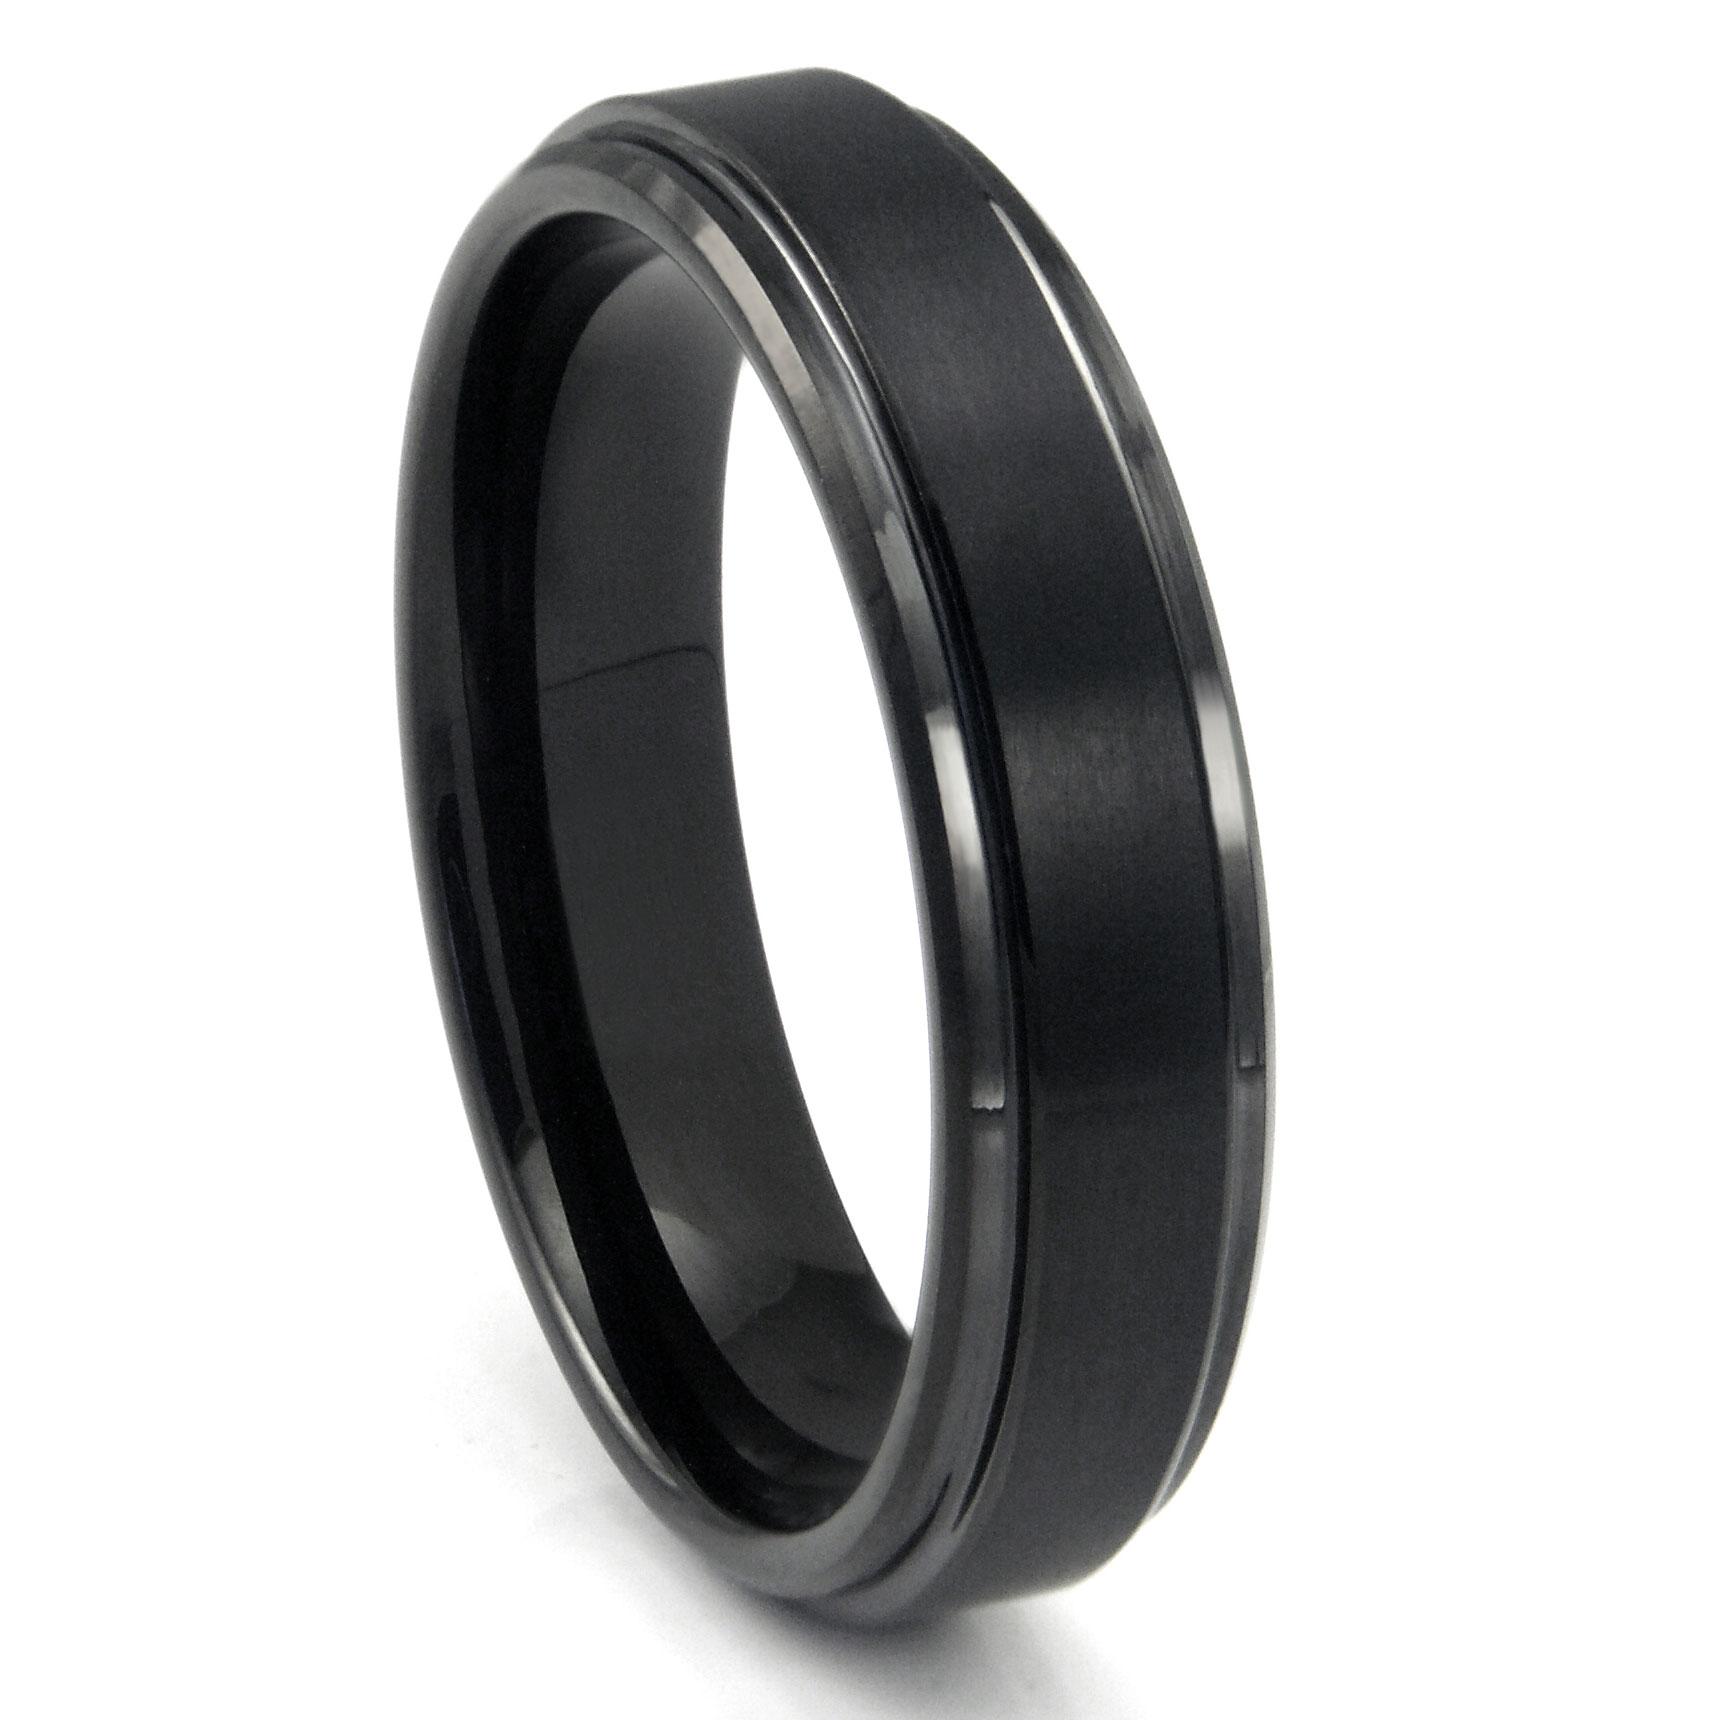 Mens Tungsten Carbide Rings 1 grey tungsten wedding bands Black Tungsten Carbide Wedding Band Ring w Raised Center